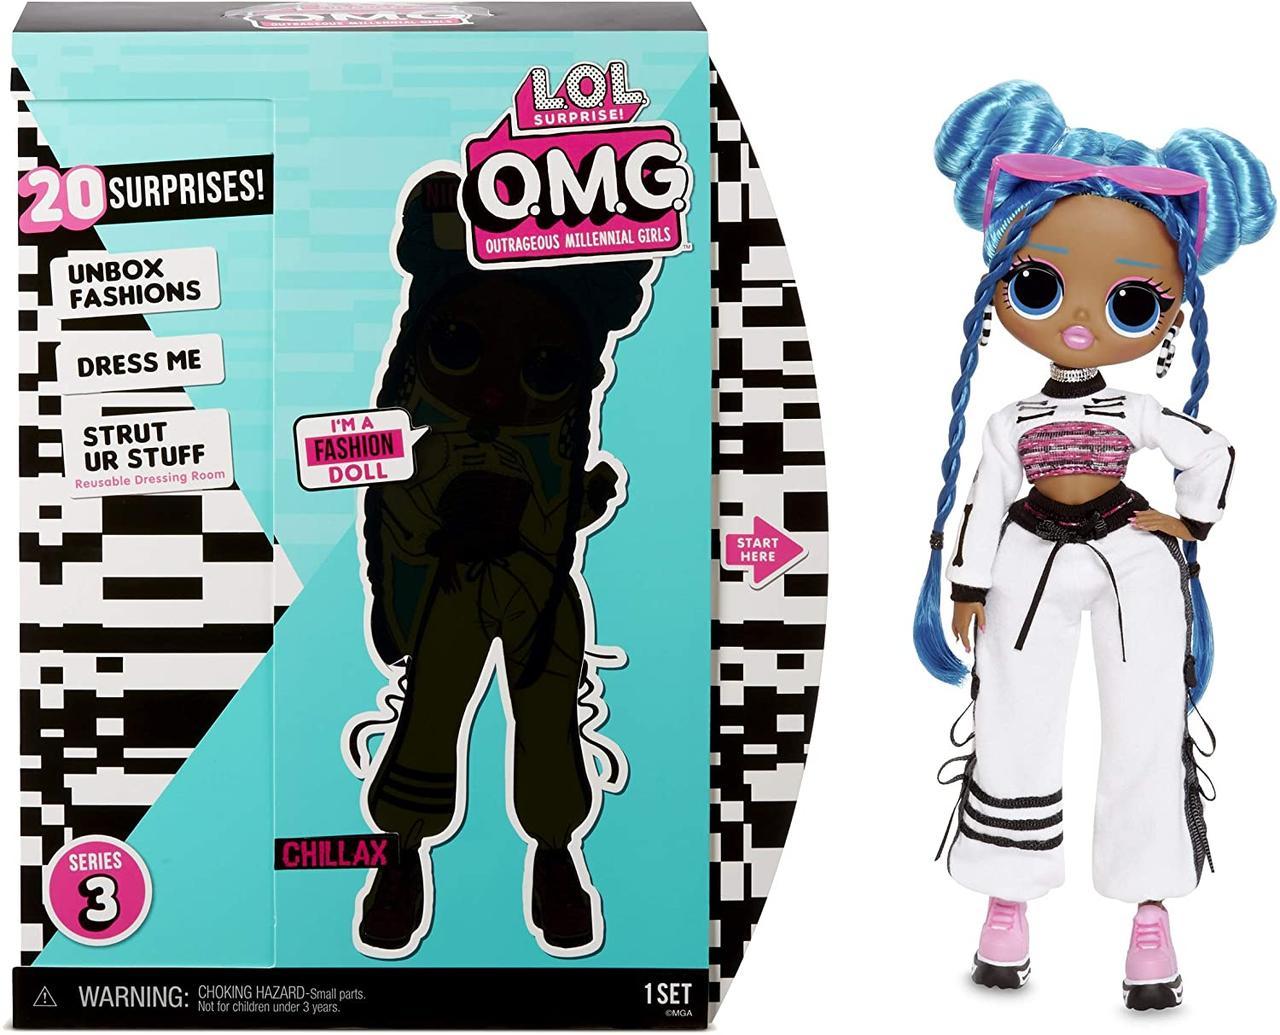 Кукла Оригинальная ЛОЛ ОМГ 3-я серия - Леди Релакс (570165) (035051570165)